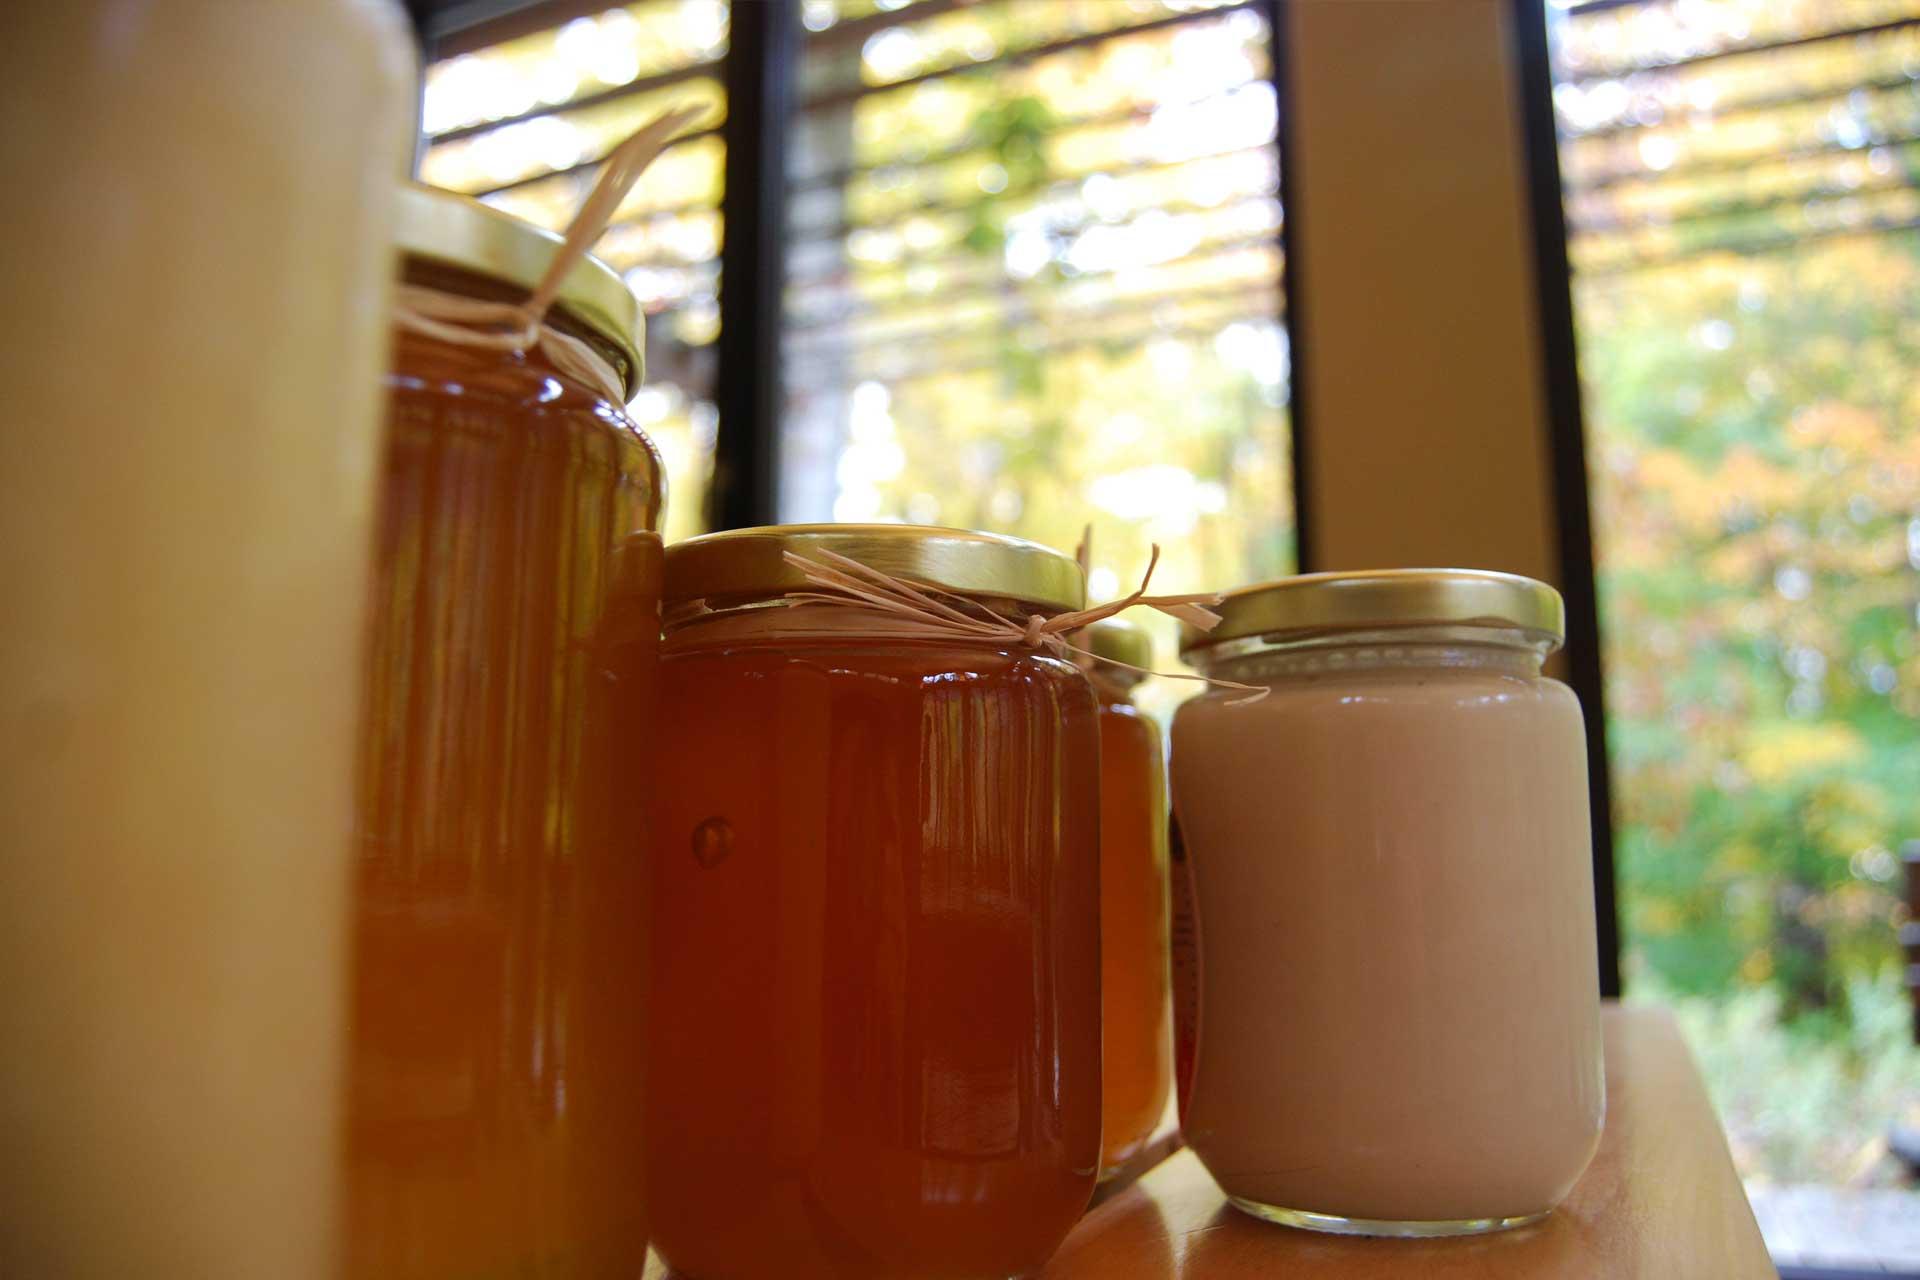 Ensemble de pots de miel de différentes textures et couleurs